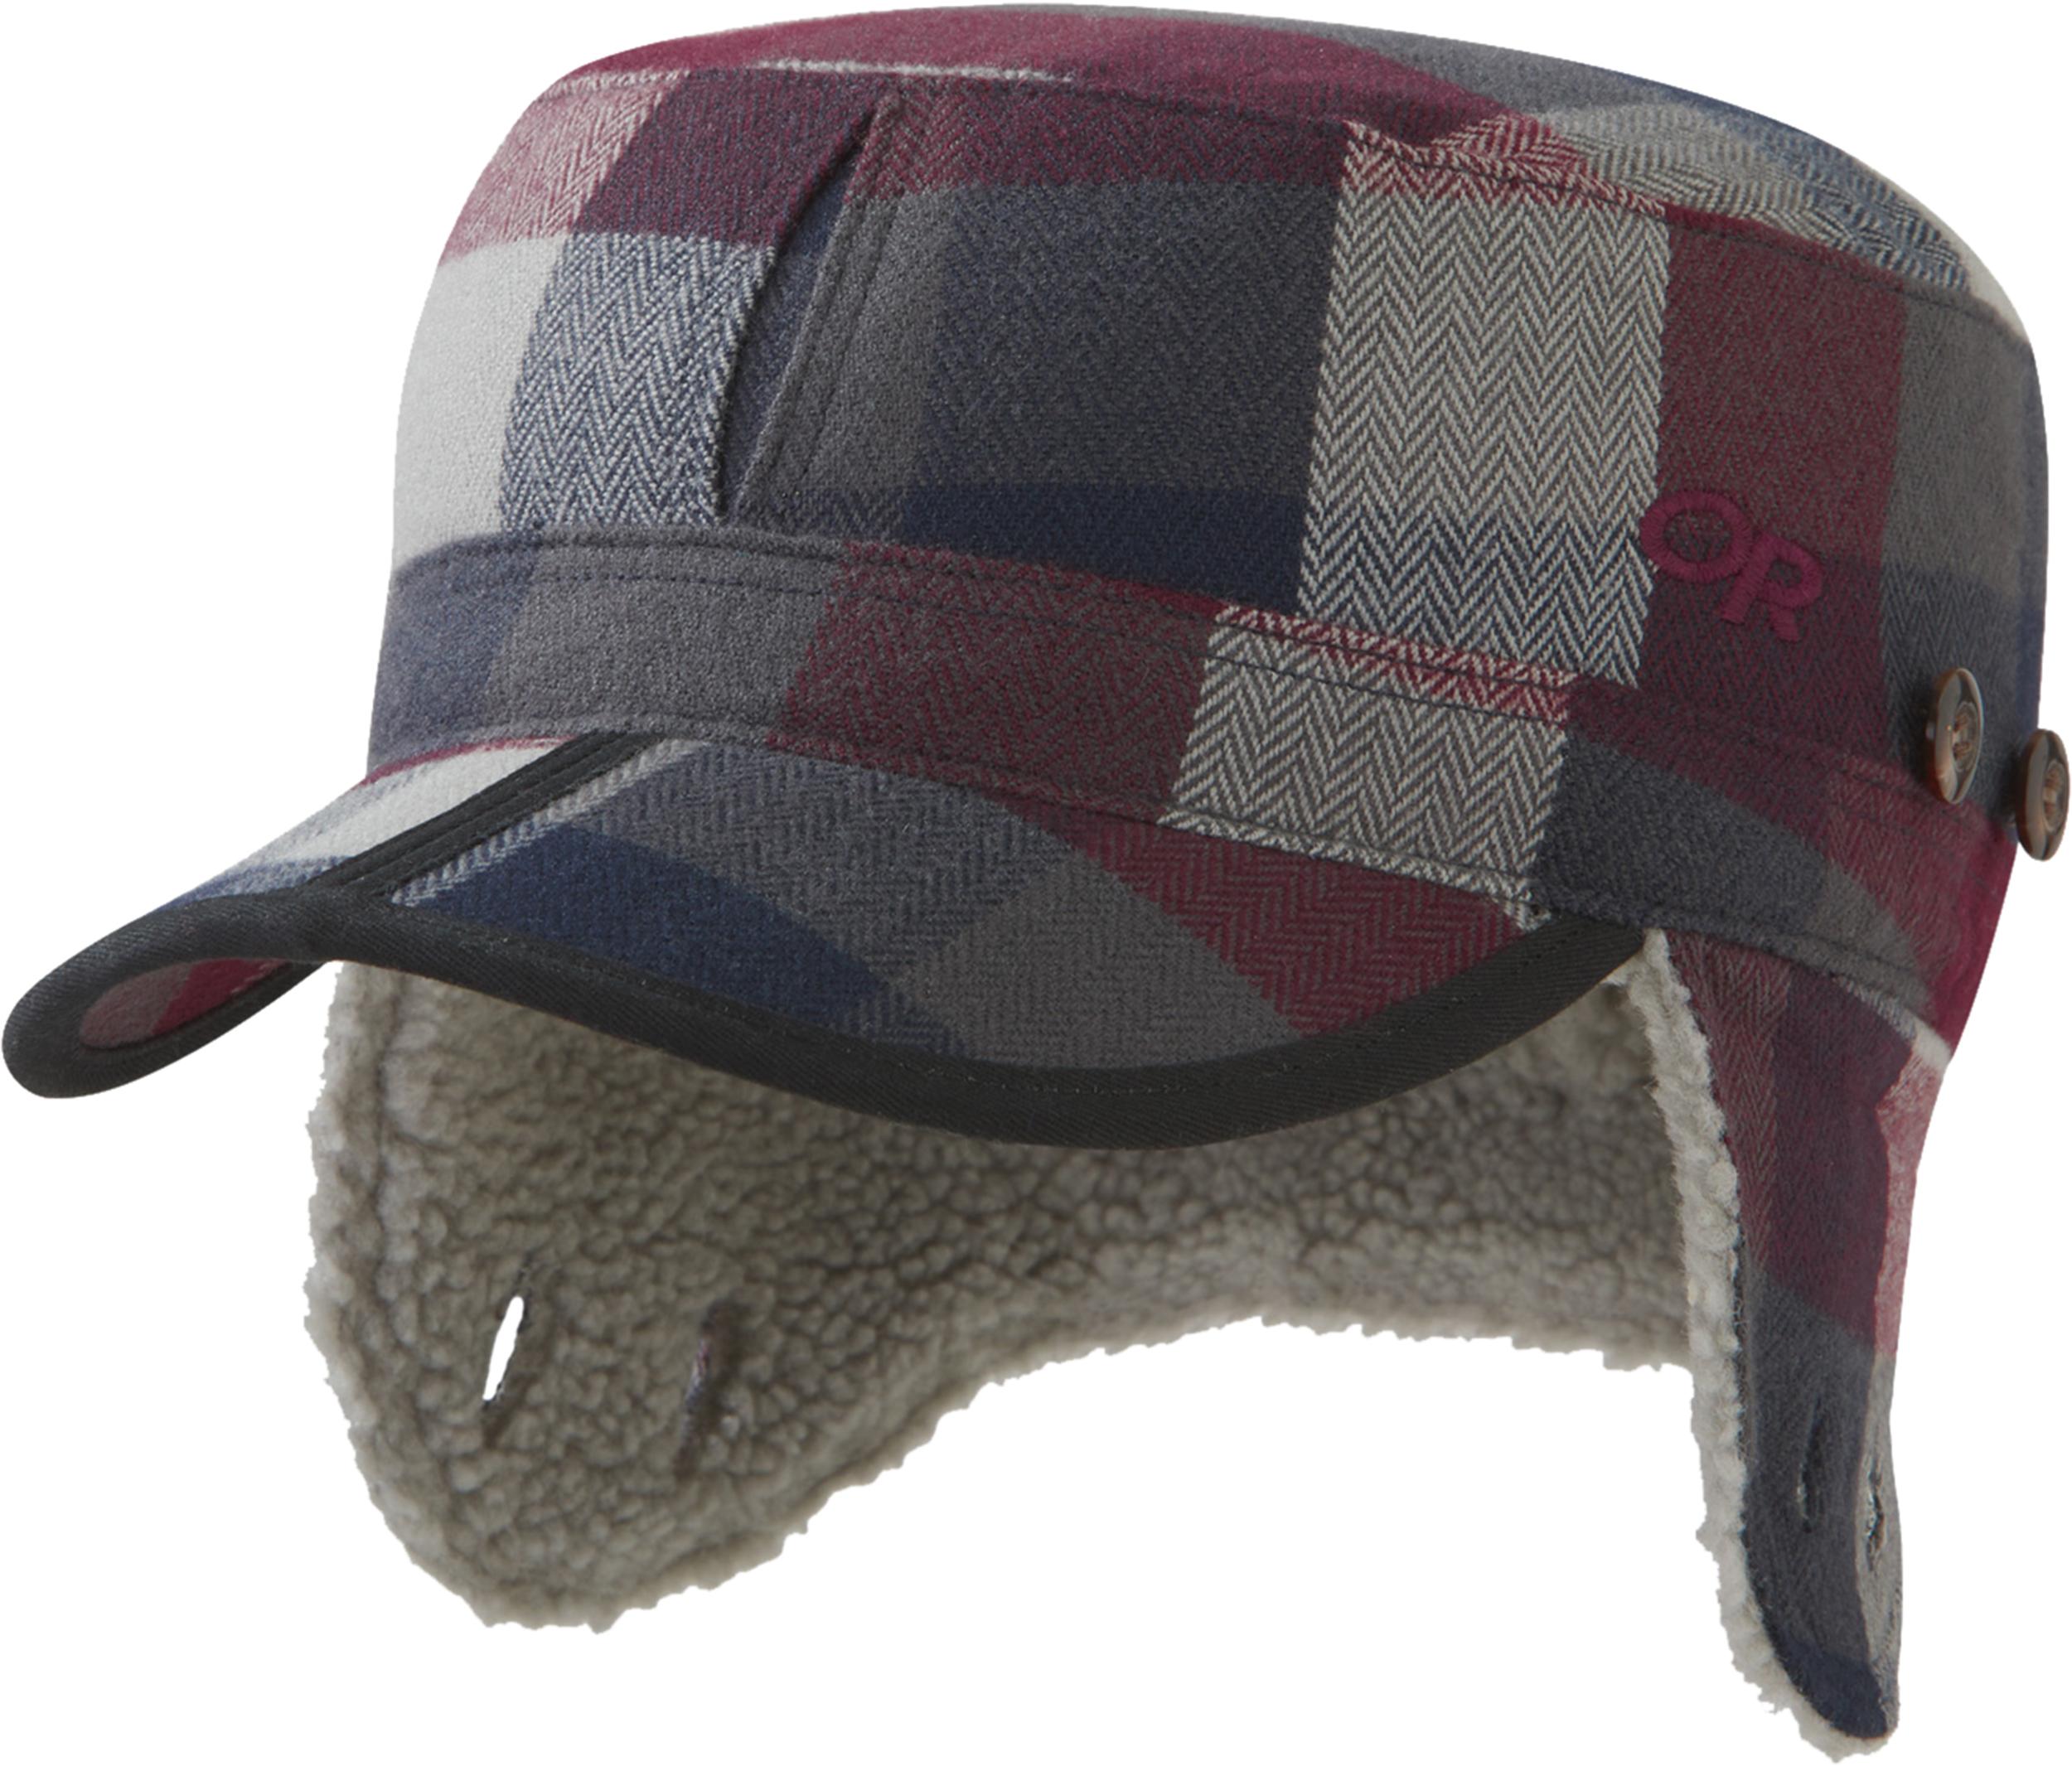 5830f32d6 Winter hats | MEC